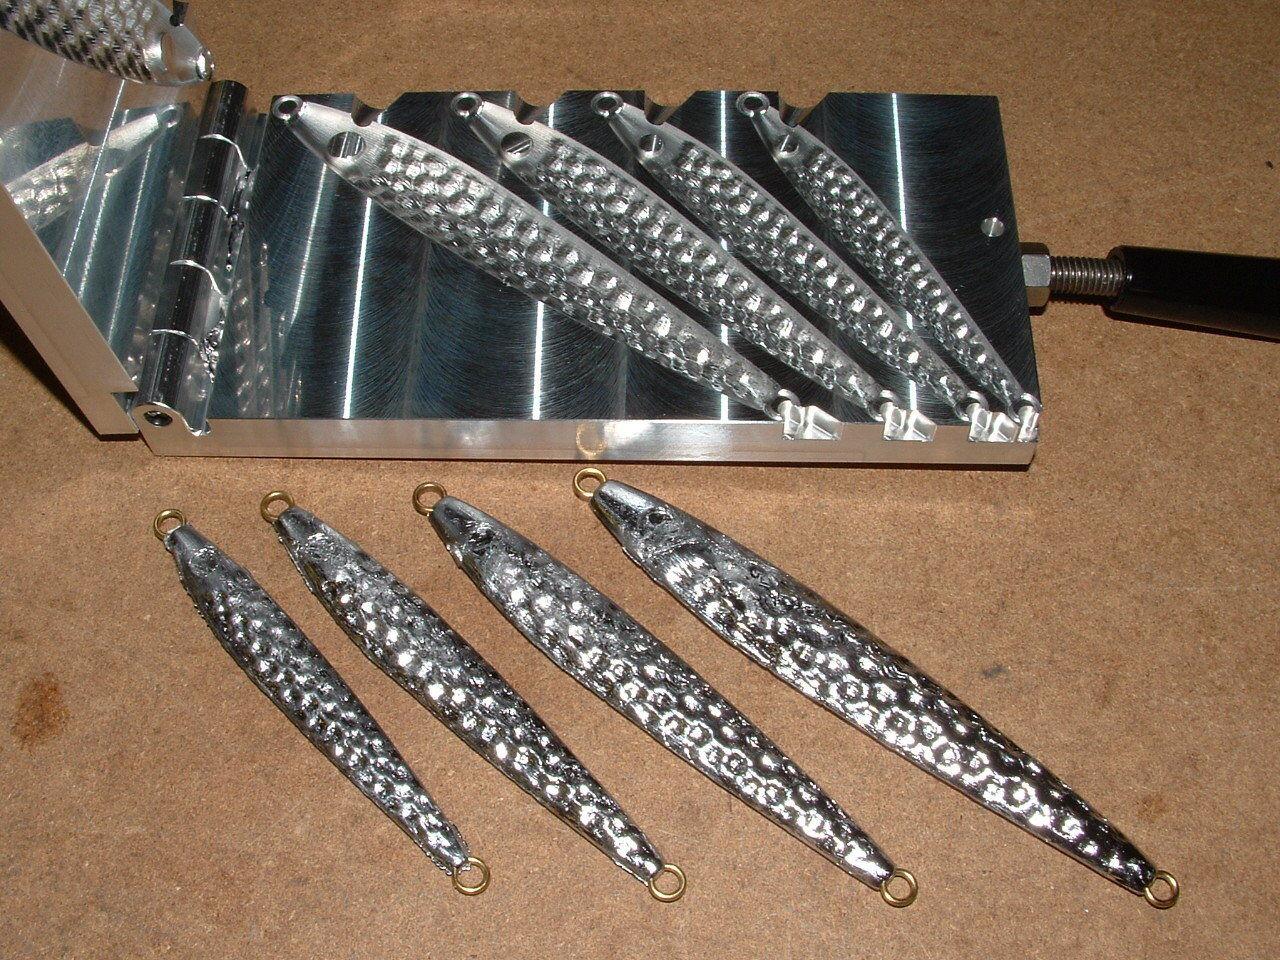 Peces De Agua Salada Jig llenos de baches Molde 2,3,4,6oz CNC Aluminio